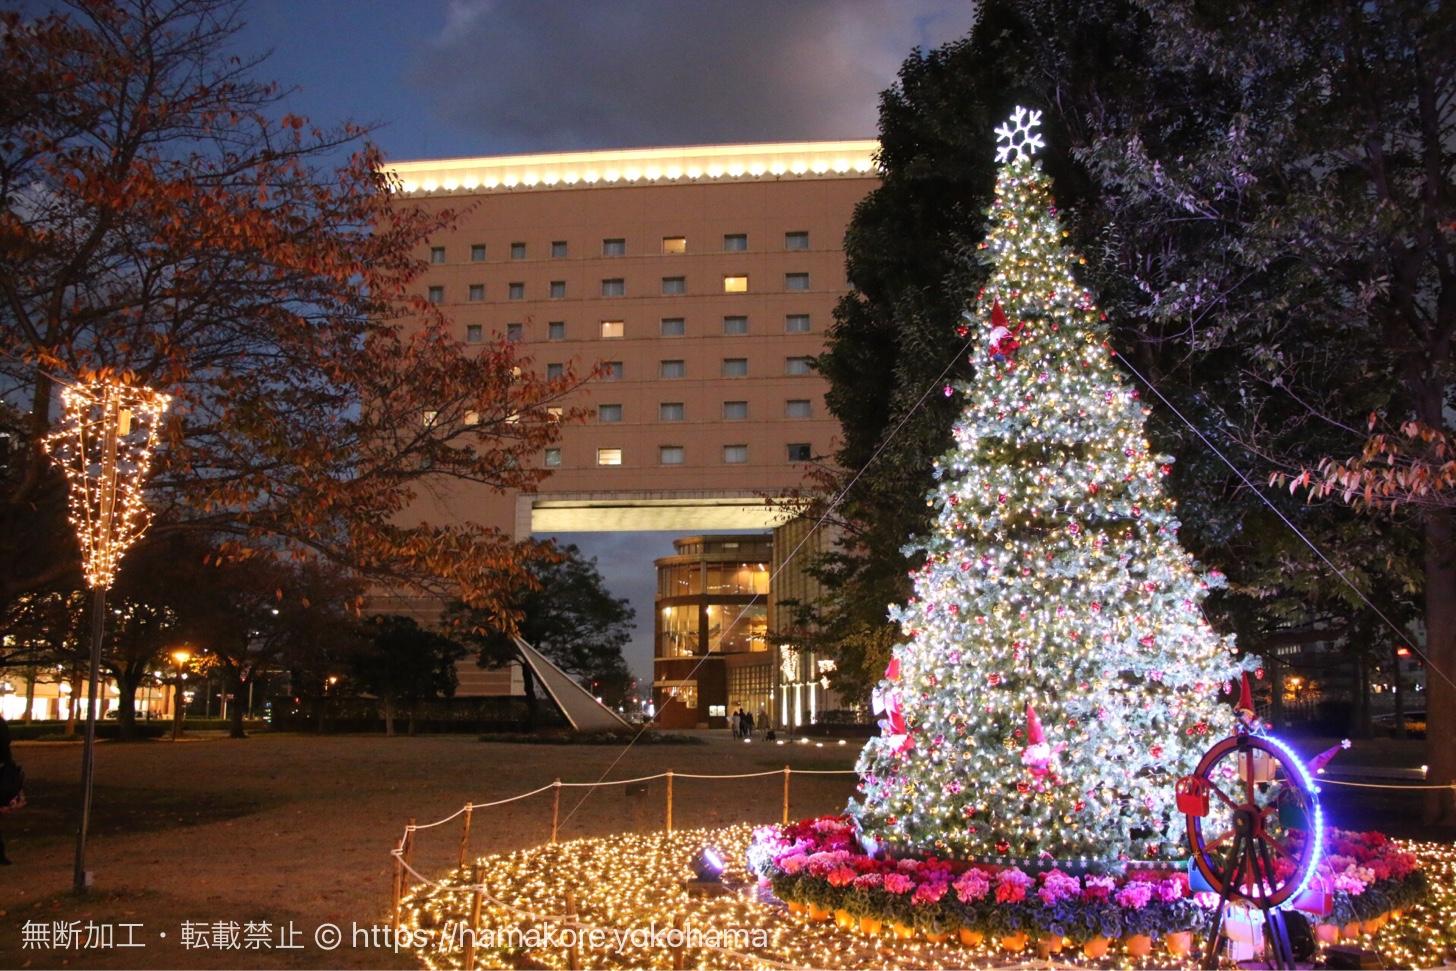 横浜ワールドポーターズ クリスマスツリー 運河パーク